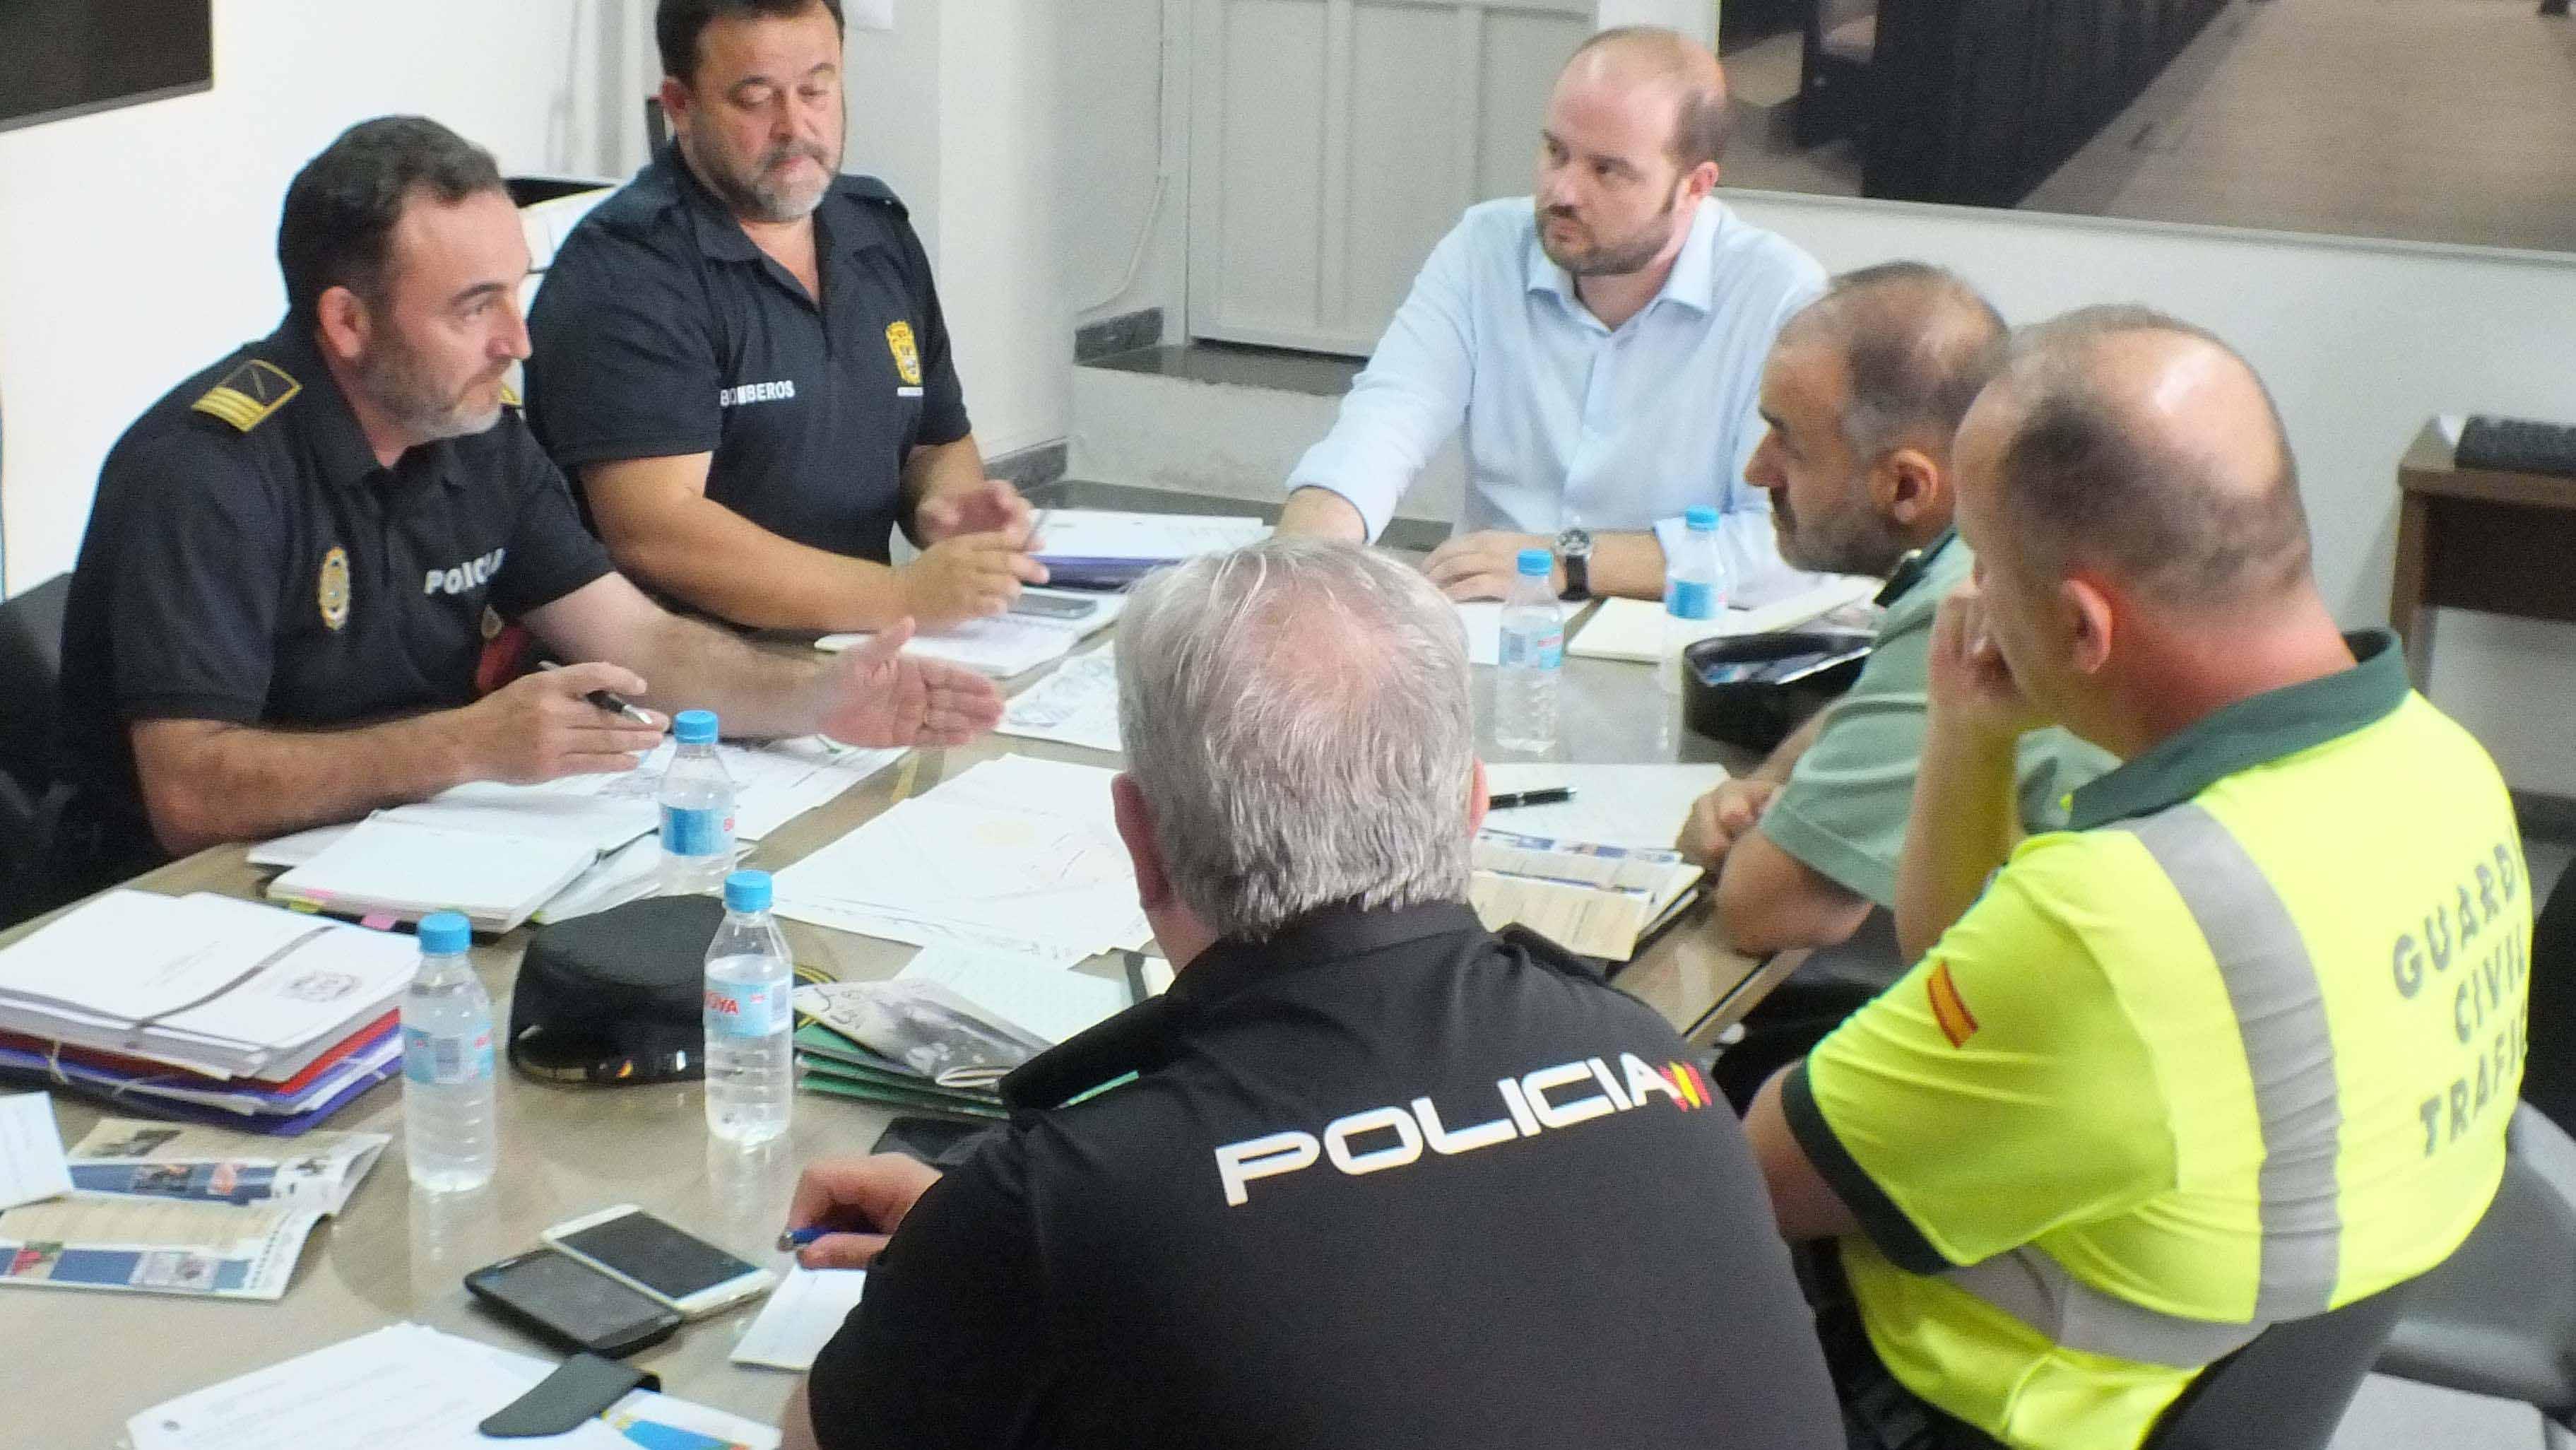 Una de las reuniones de seguridad del Ayuntamiento de Utrera